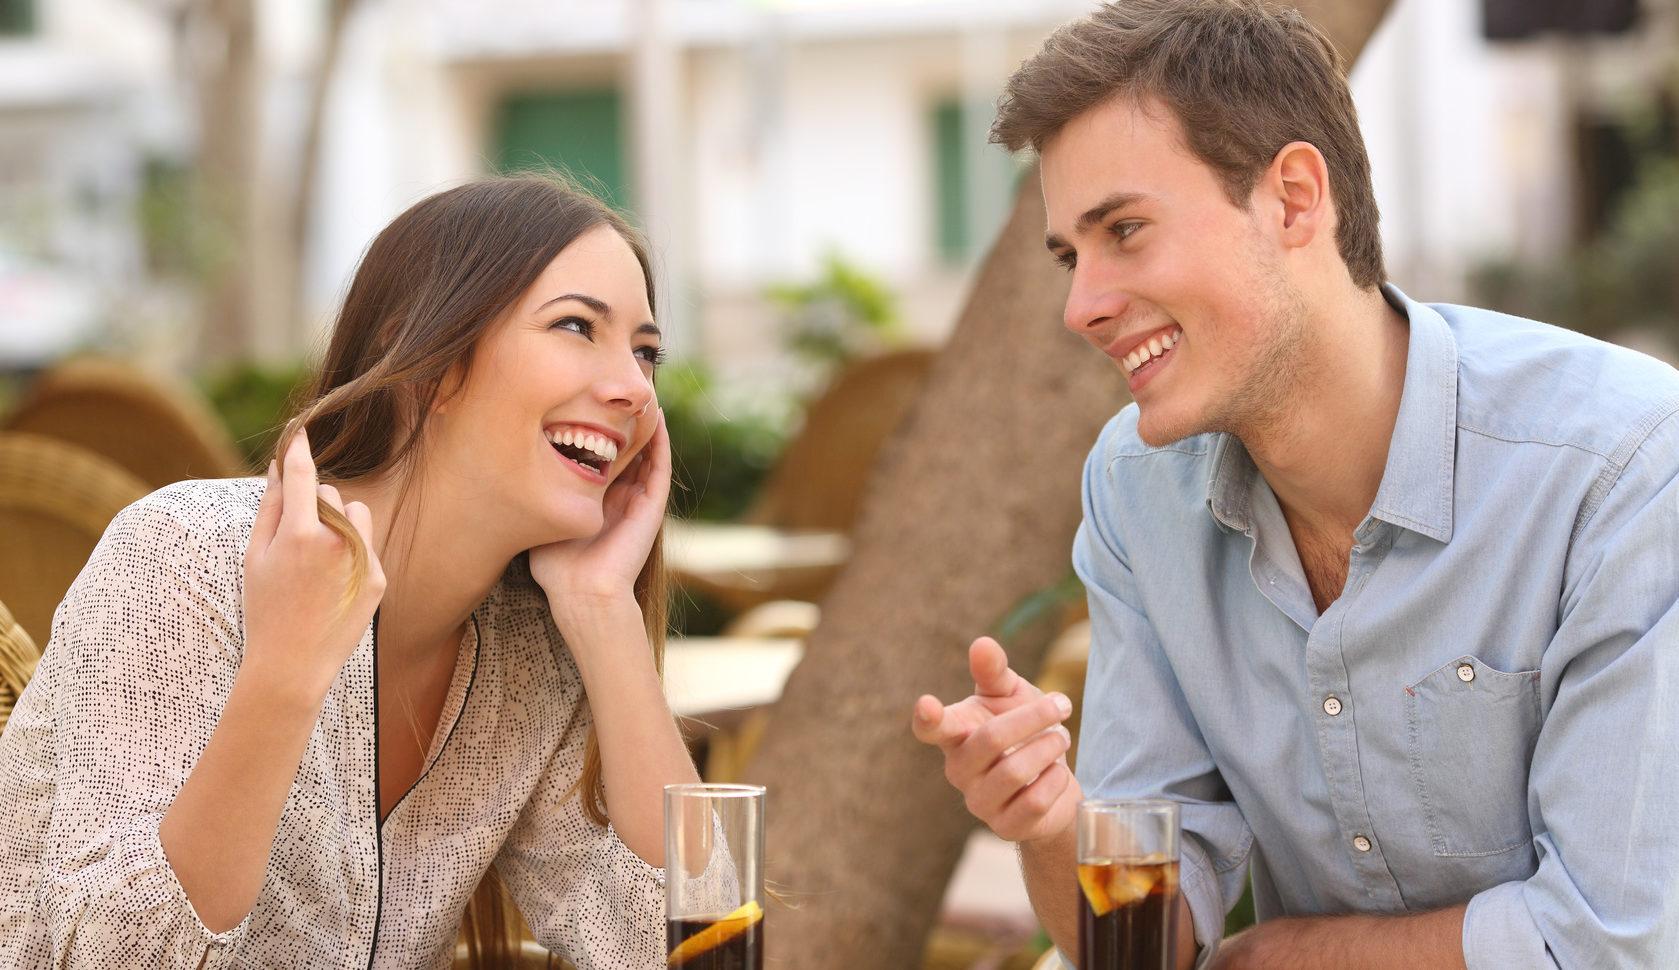 Соблазните мою жену, Хочу чтобы жену соблазнили Такое бывает? 21 фотография